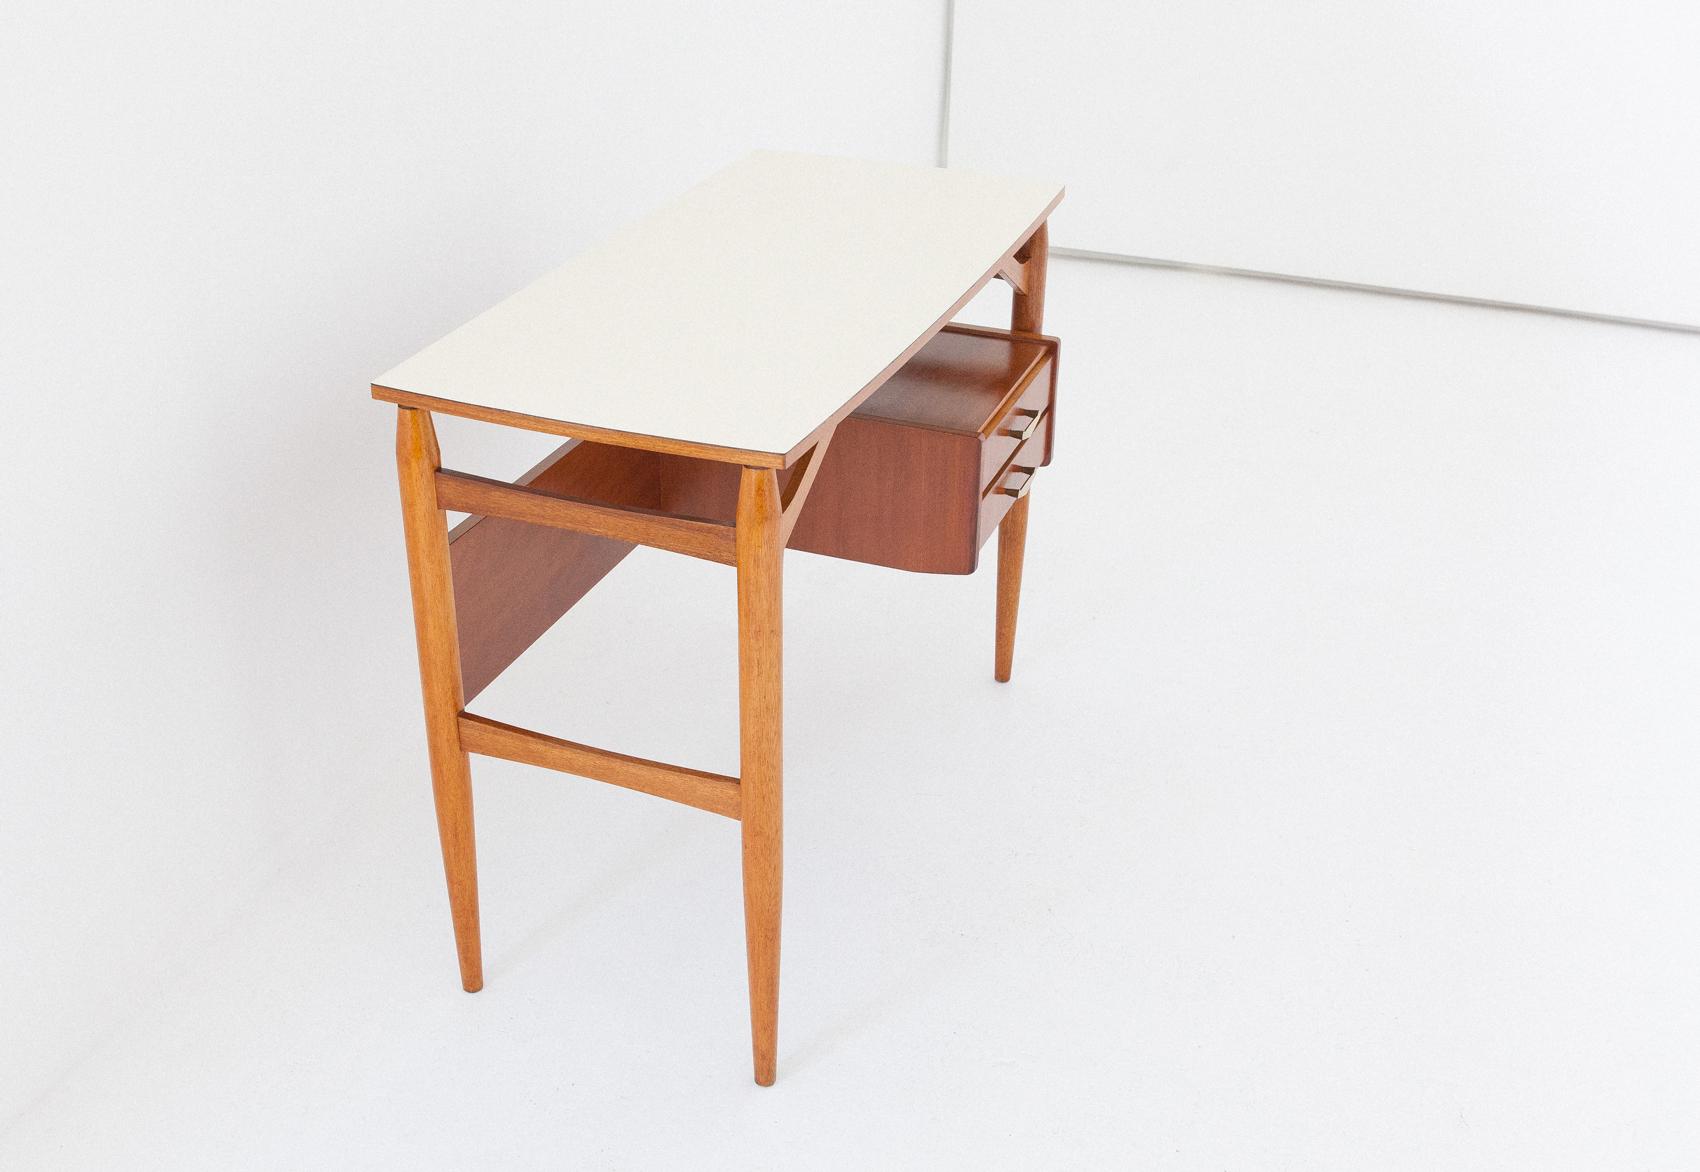 1950s-italian-little-desk-1-DT31